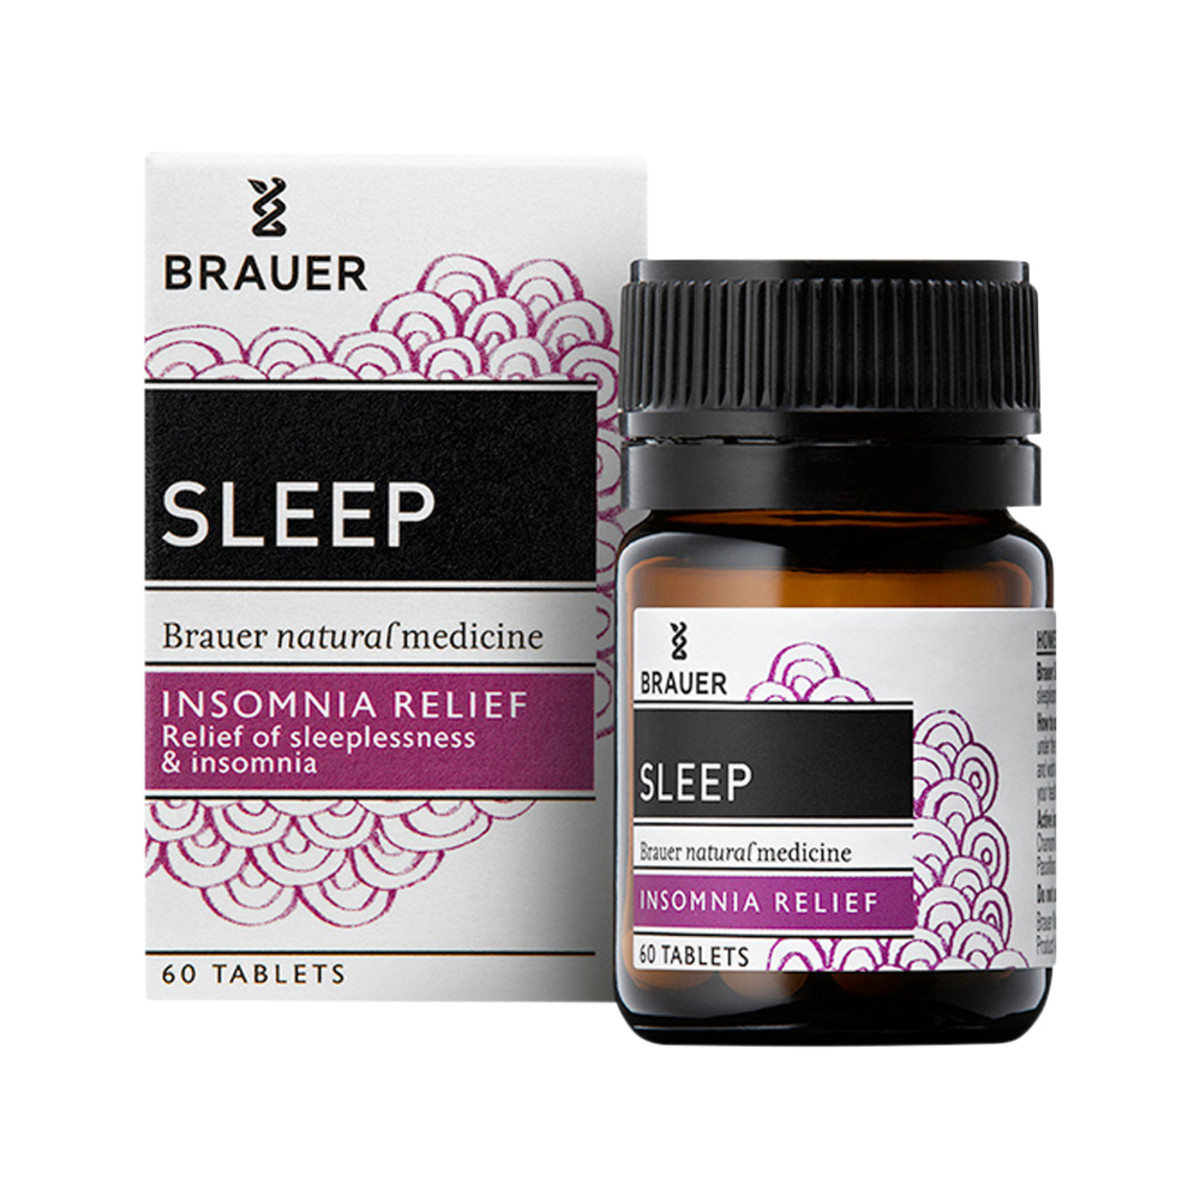 Brauer Sleep 60t_media-01